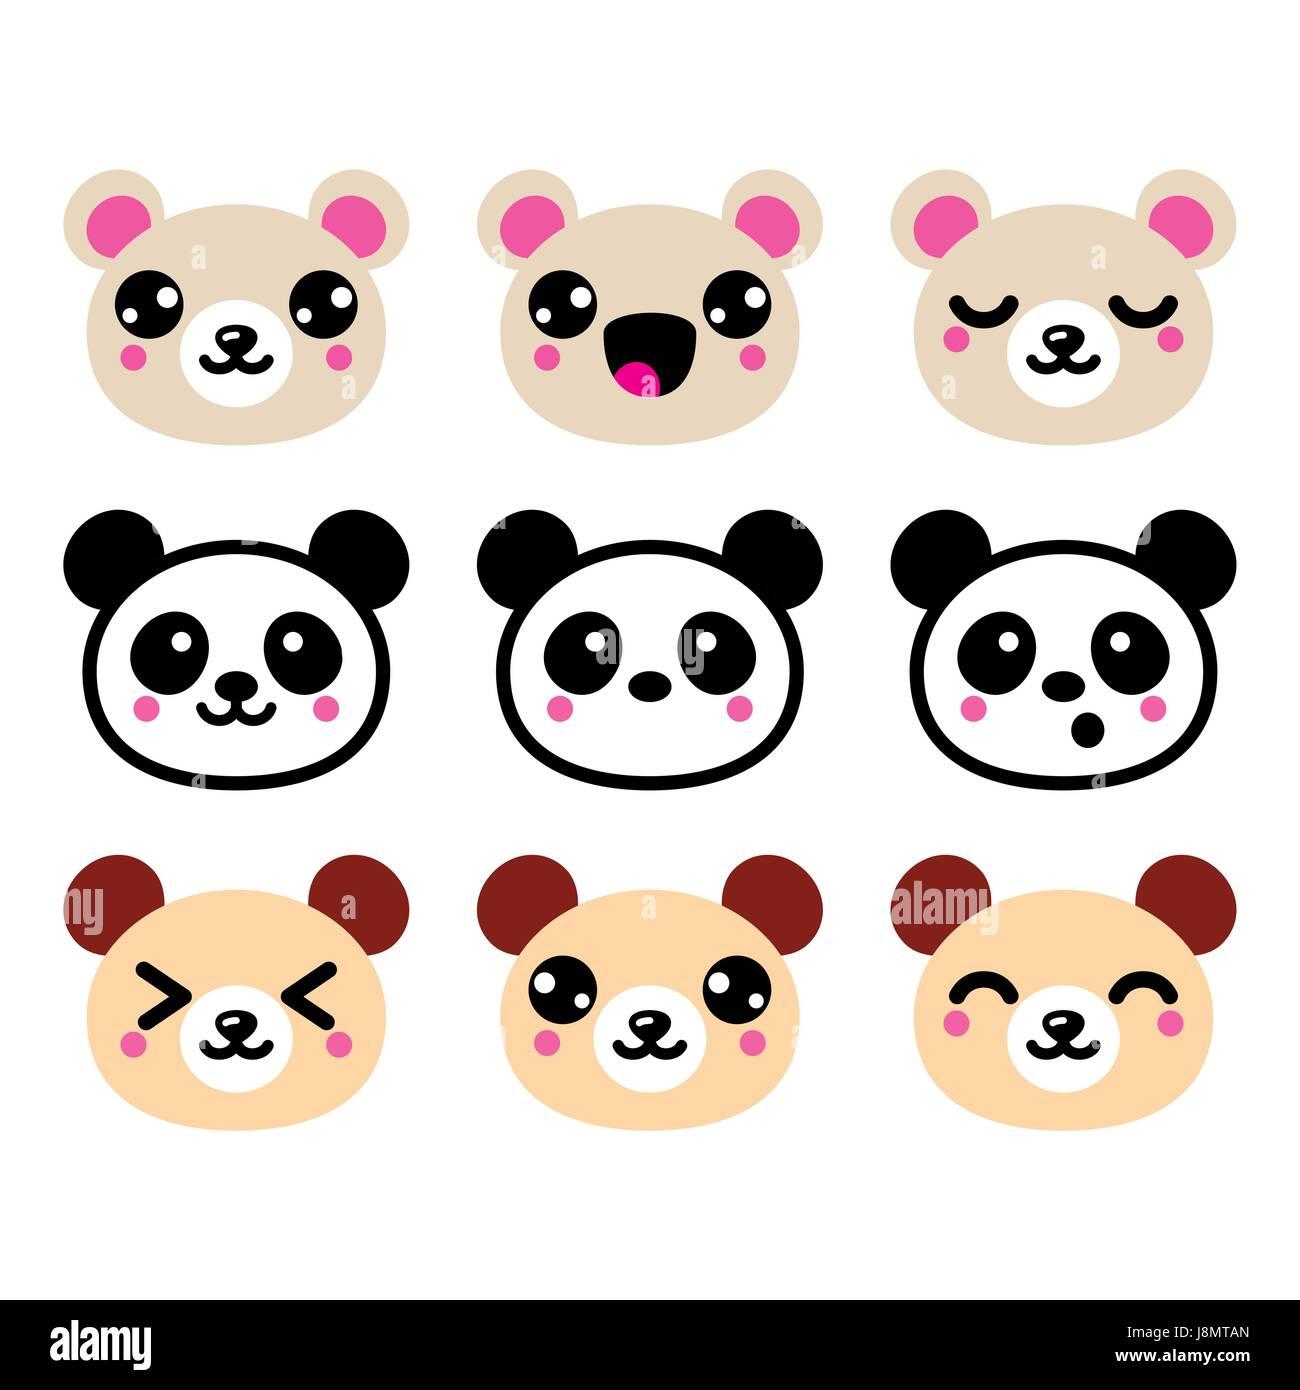 Cute Kawaii Bar Ikonen Satz Panda Design